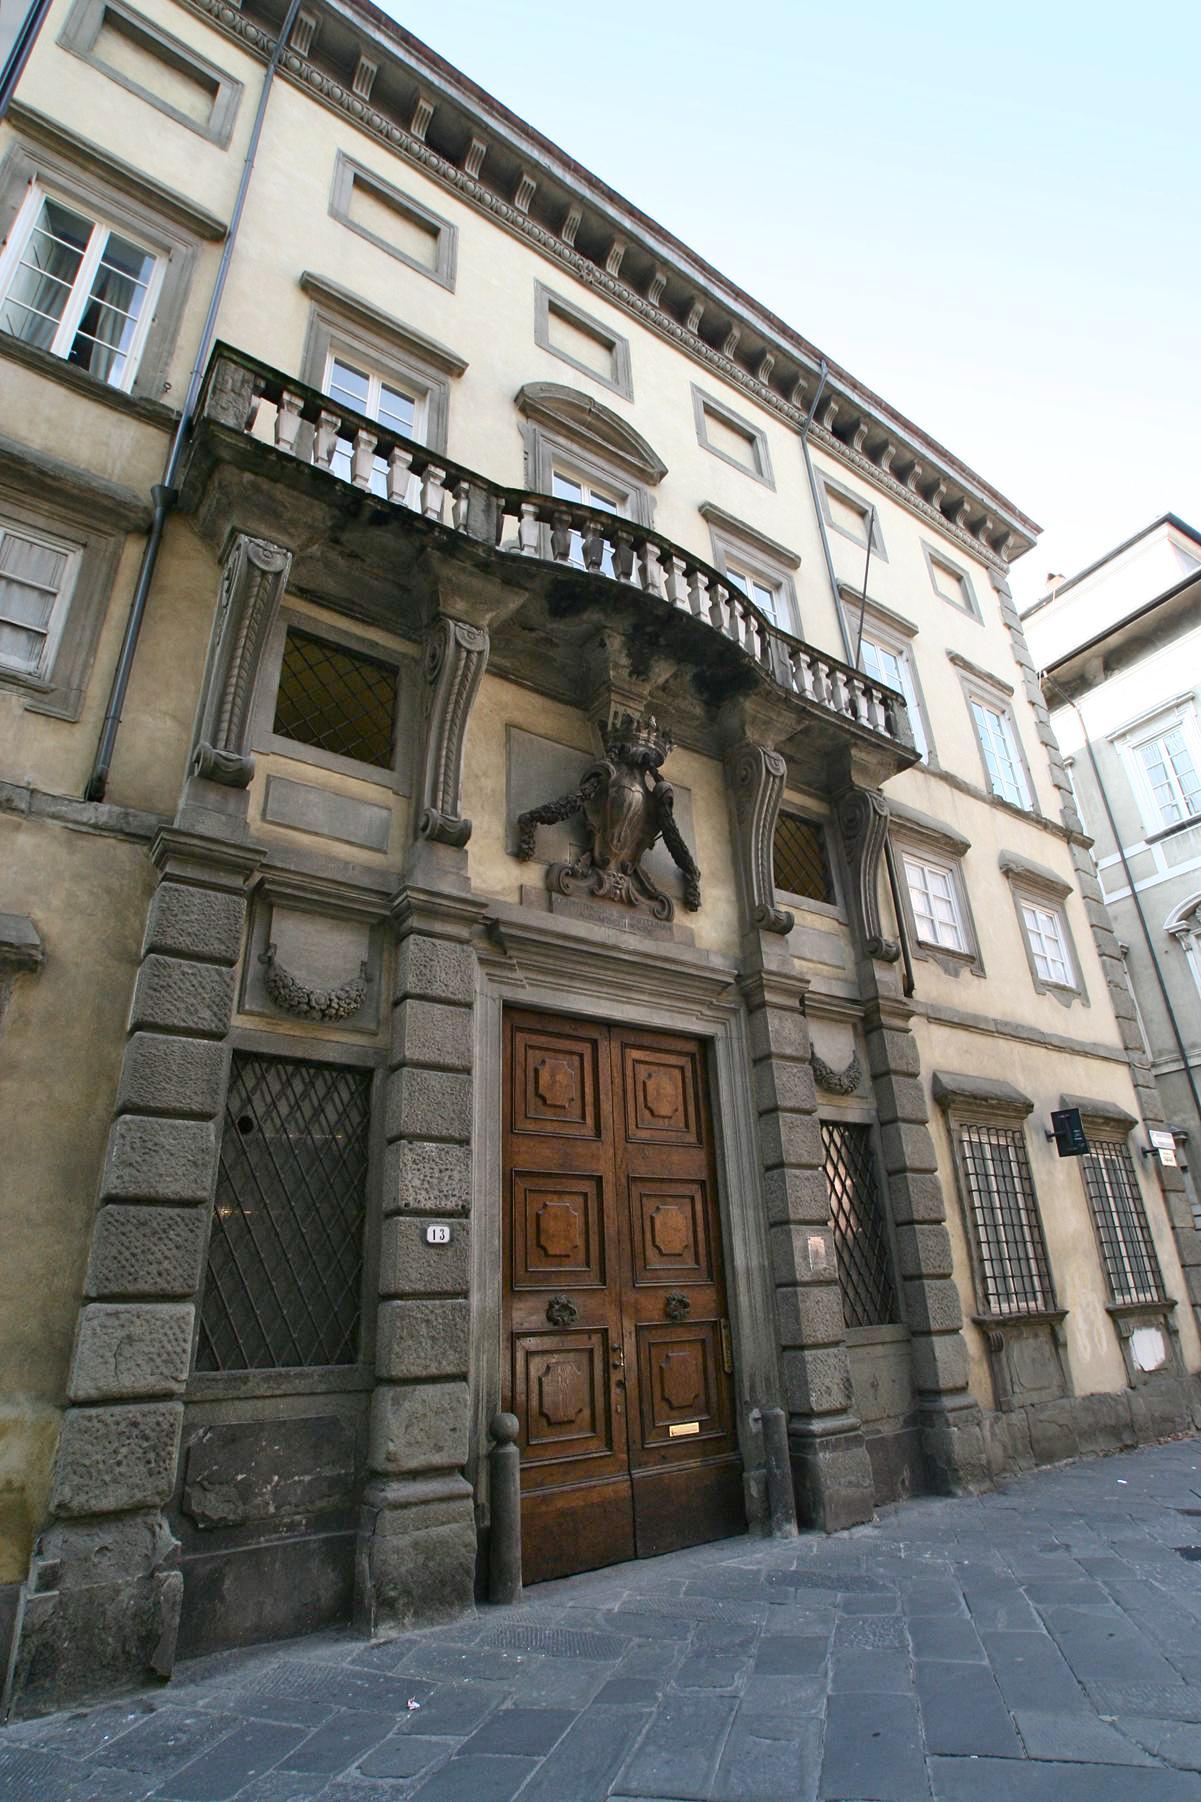 01 - Facciata ed ingresso del palazzo